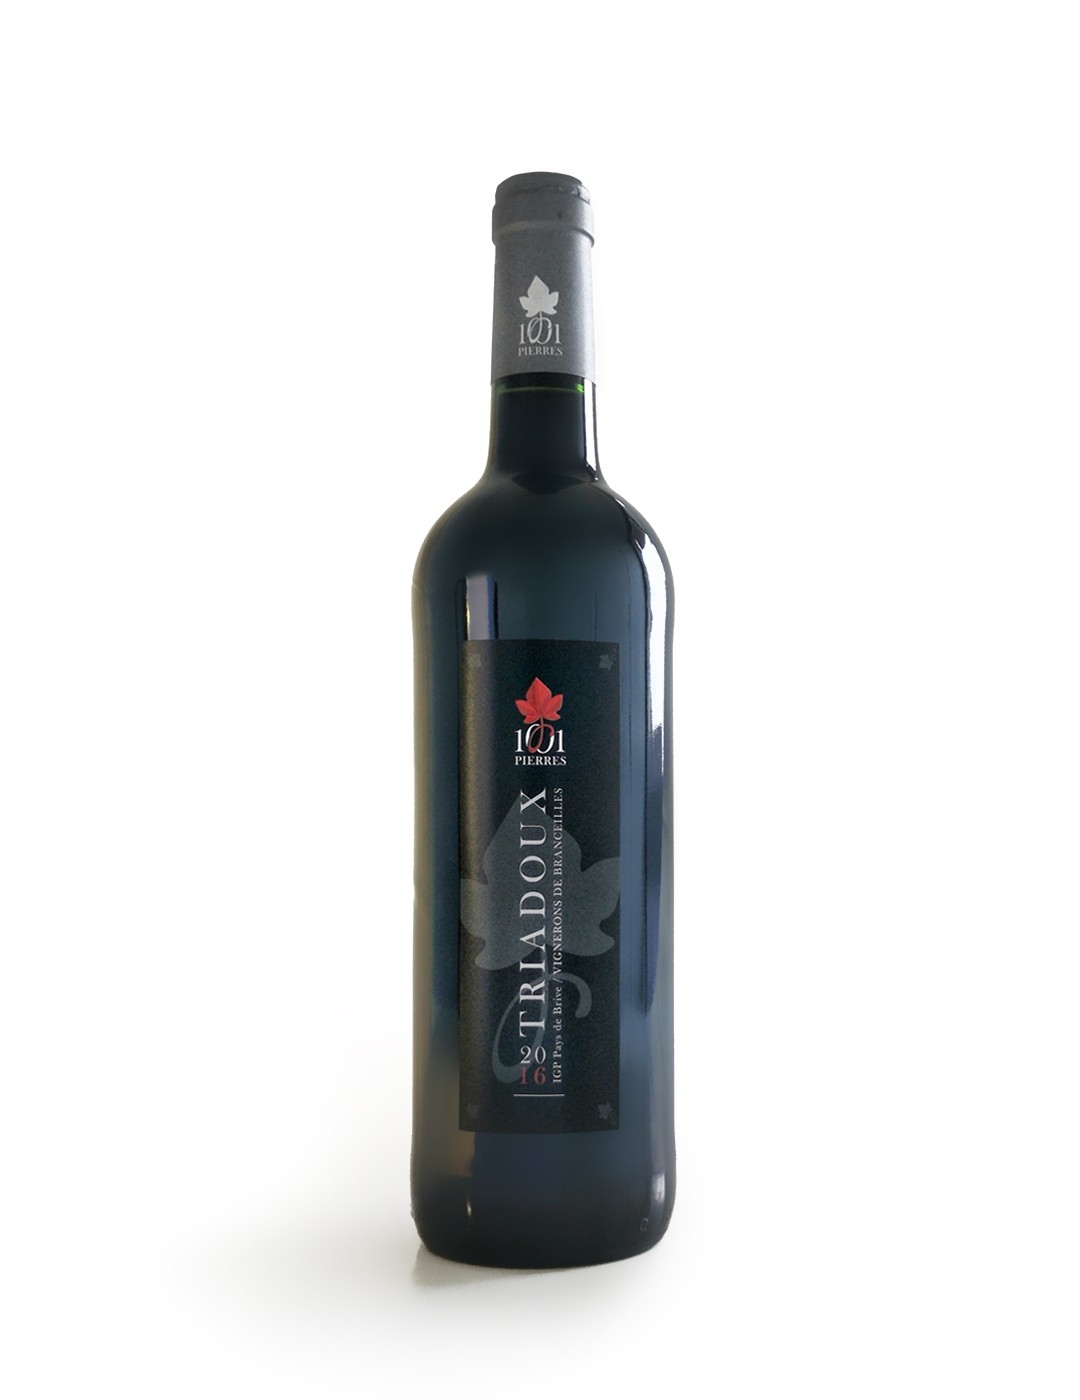 Triadoux : Vin Rouge Conventionnel - Bouteille de 75 cl - 1001 Pierres